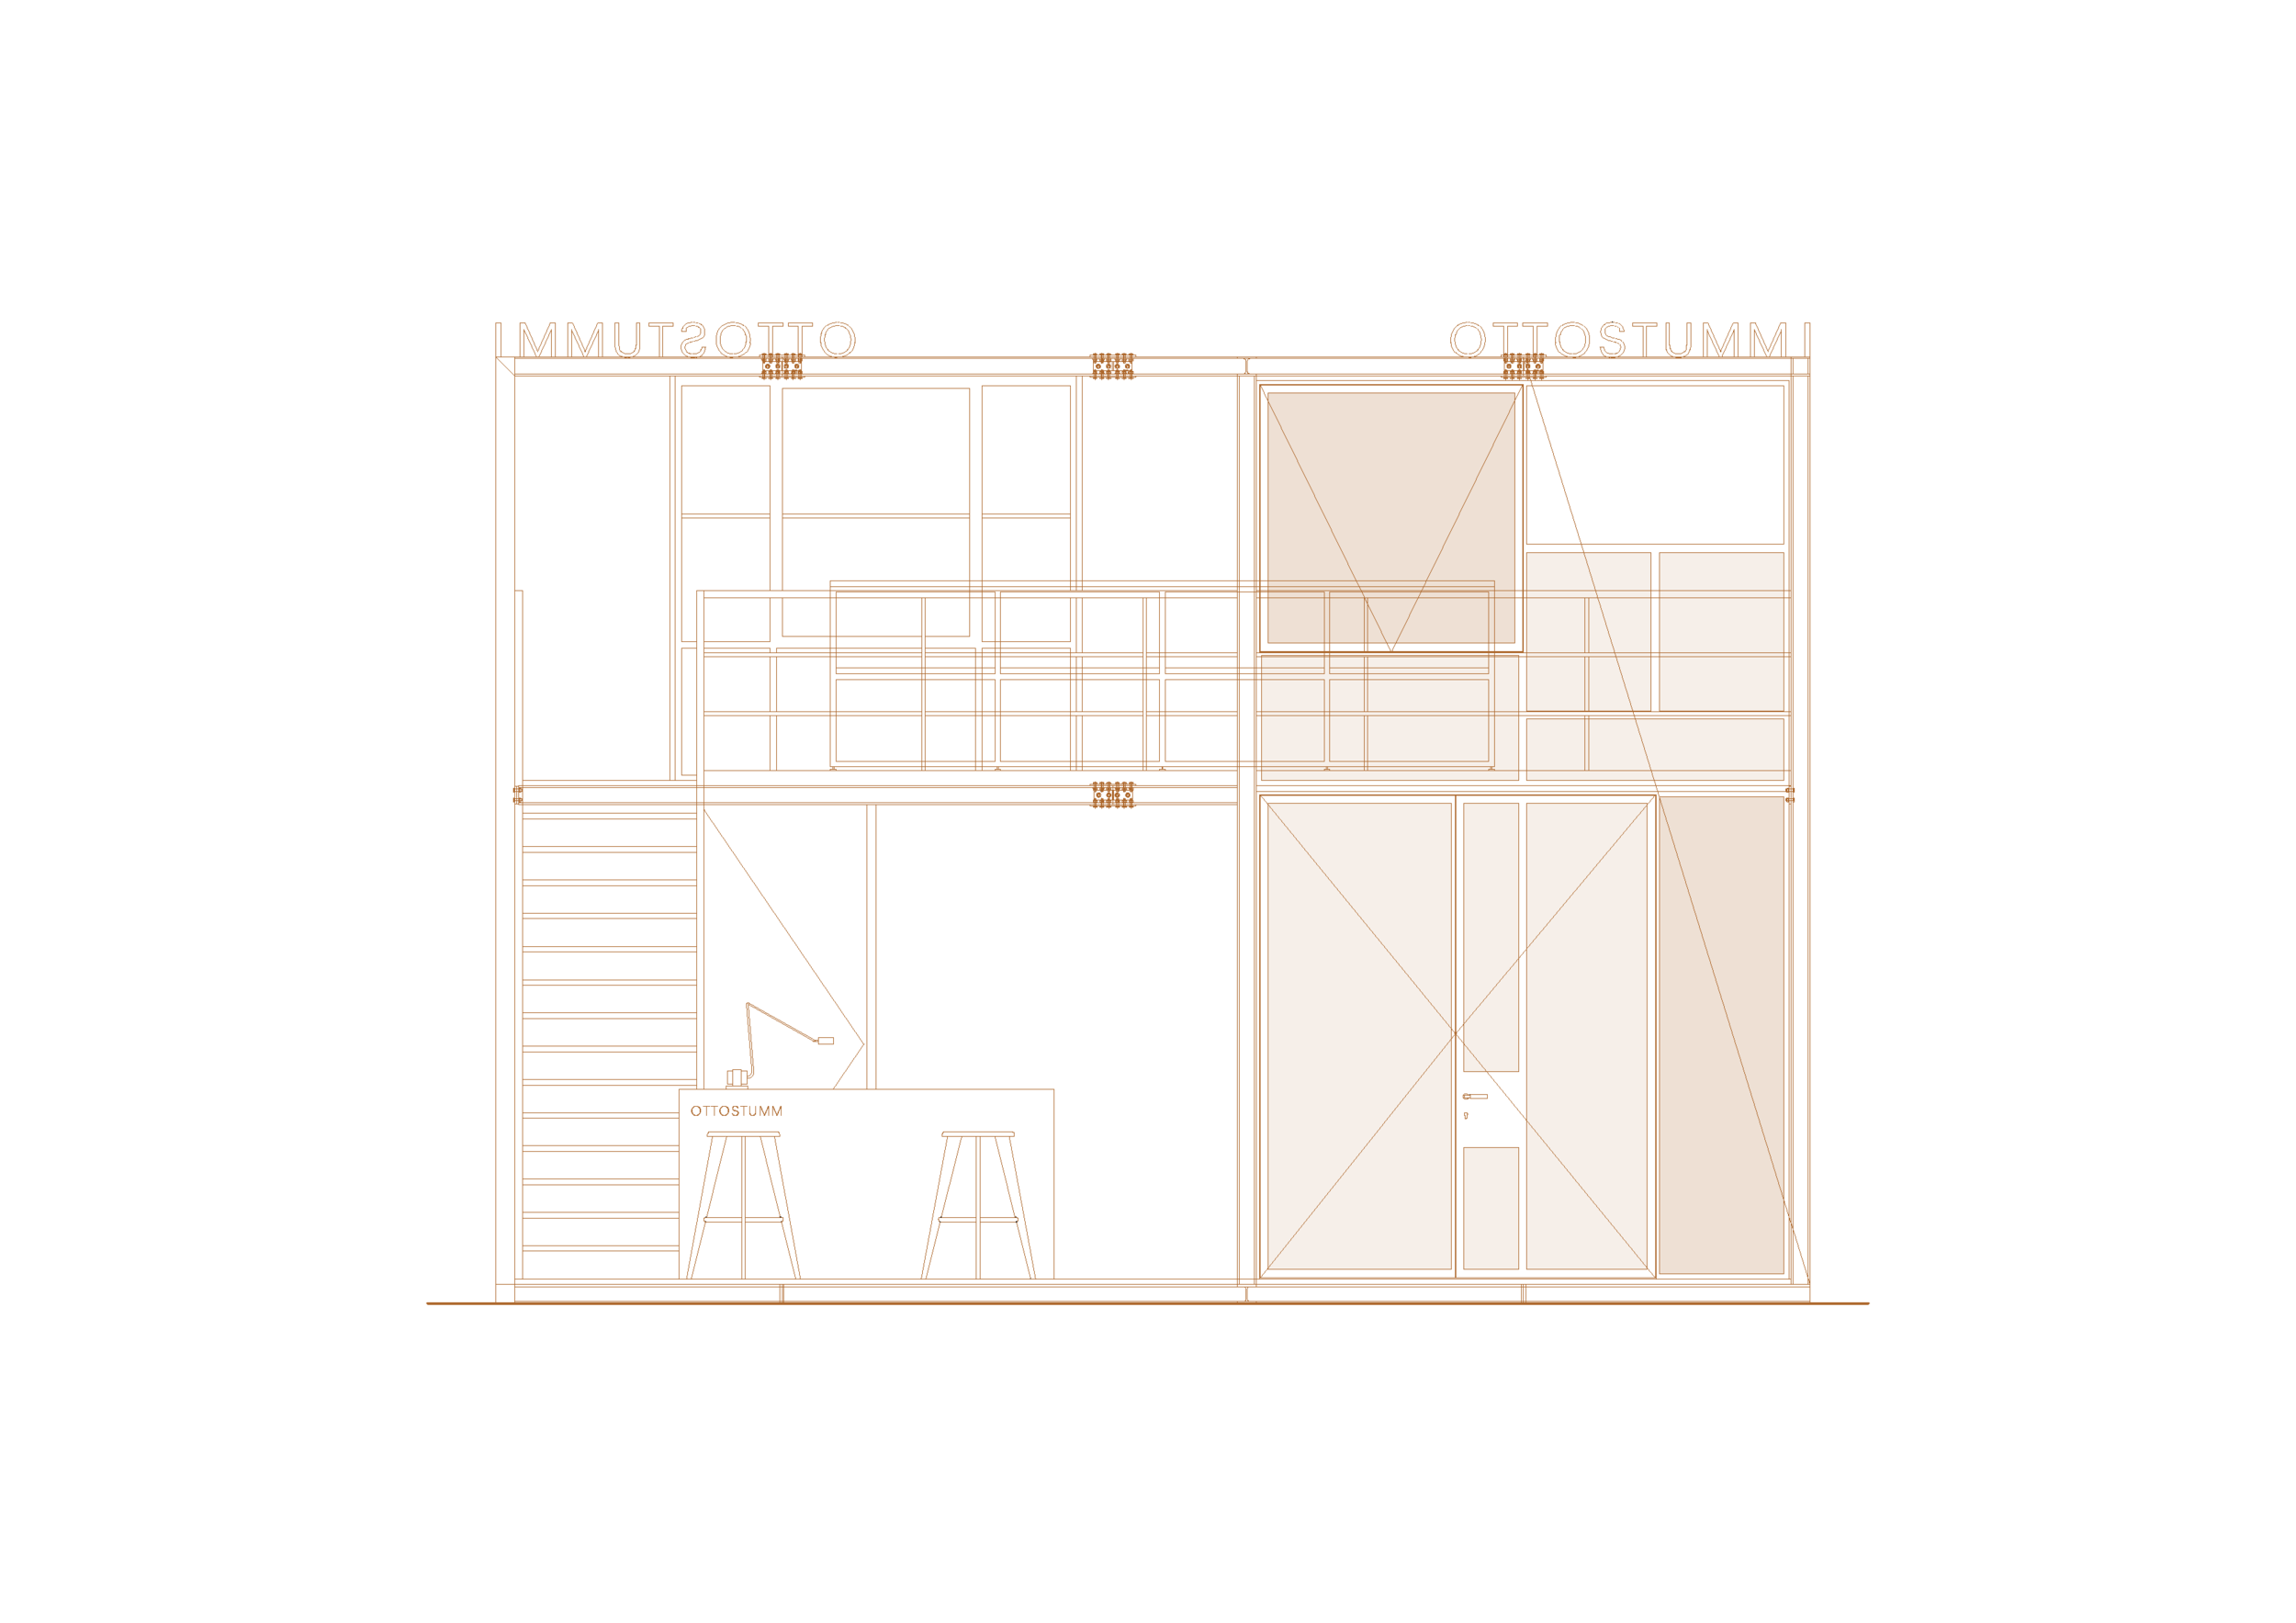 disegno-ottostumm-03.png